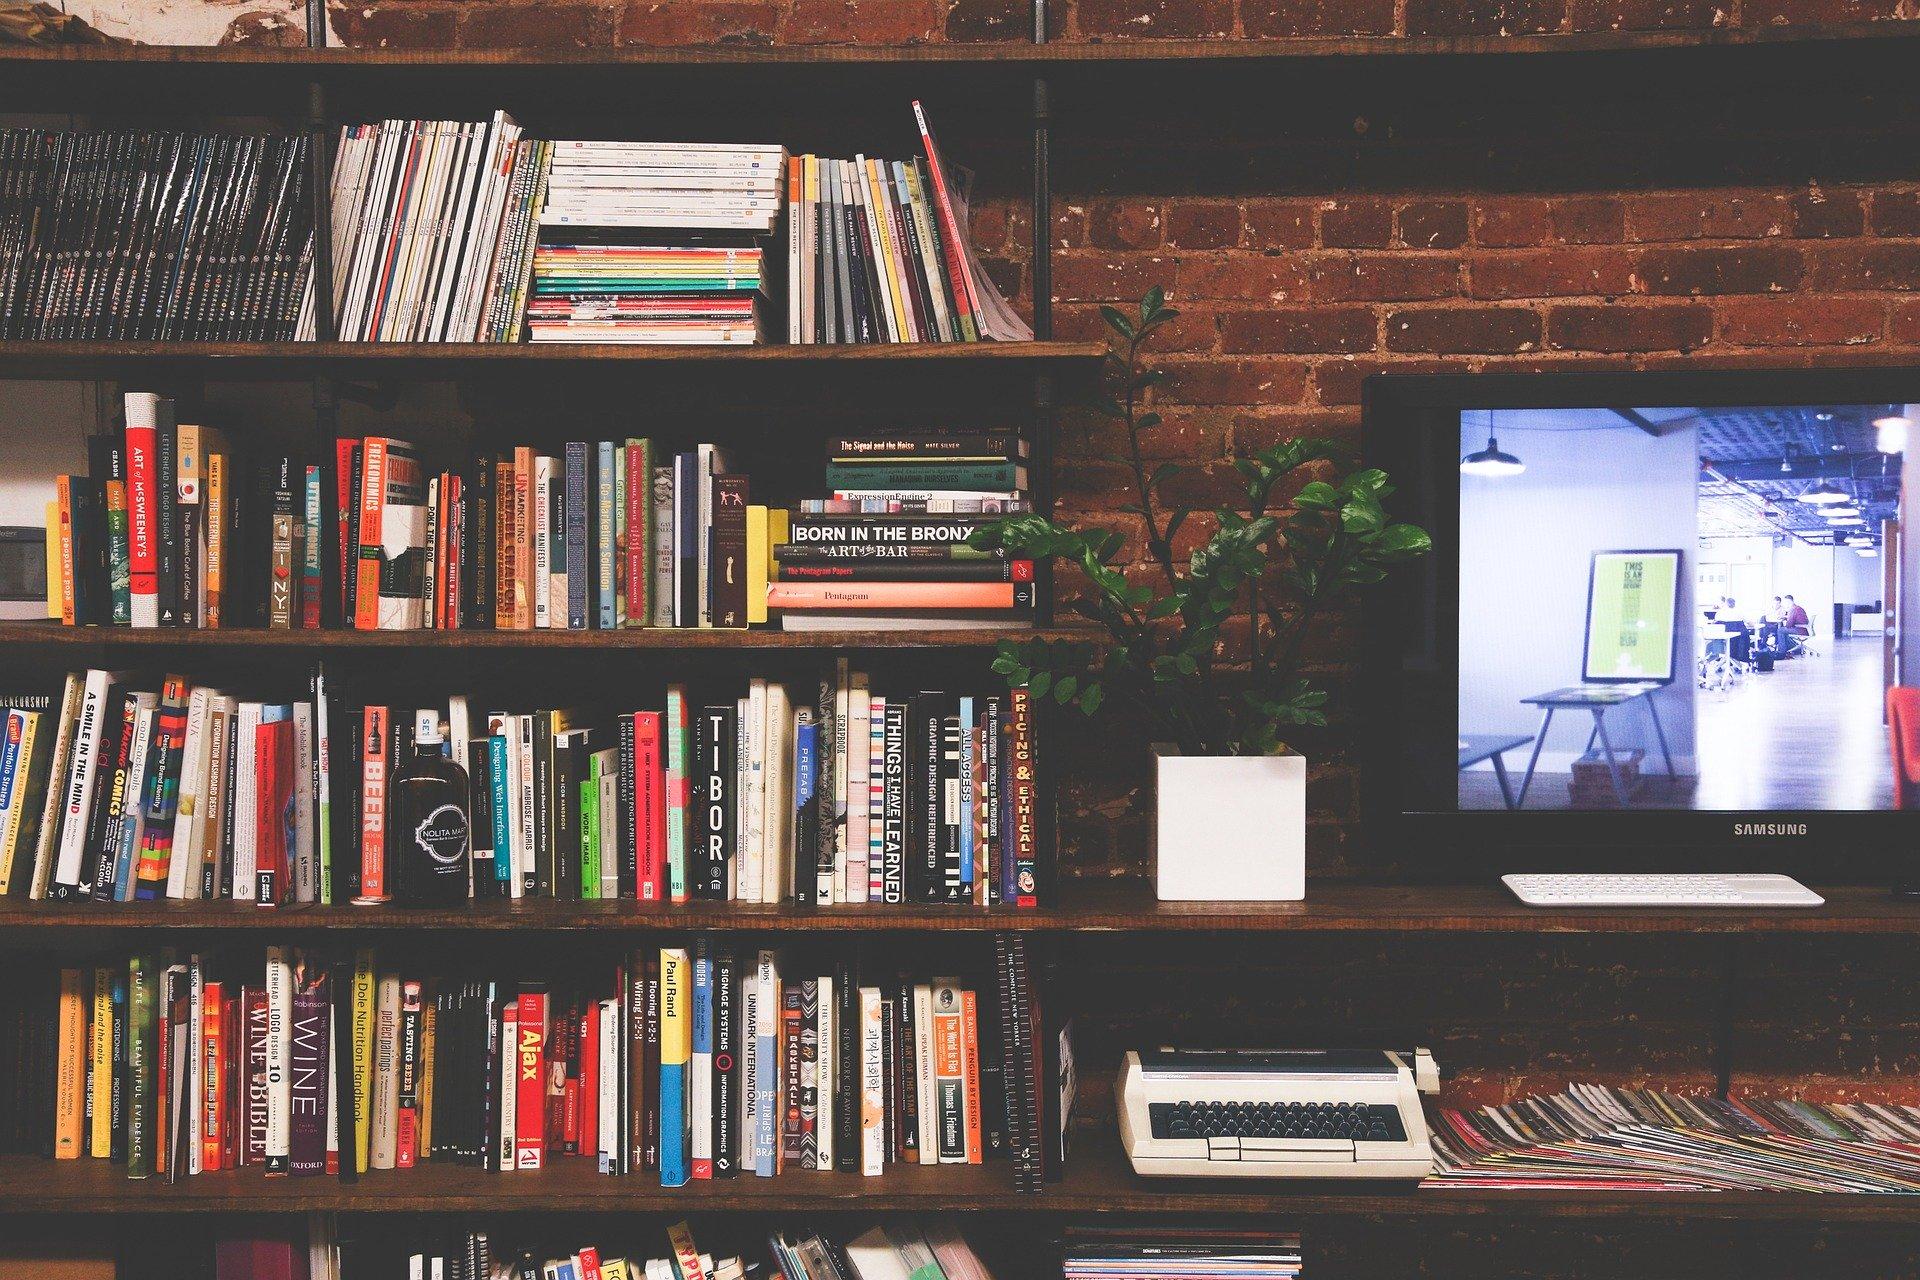 televisión estantería con libros